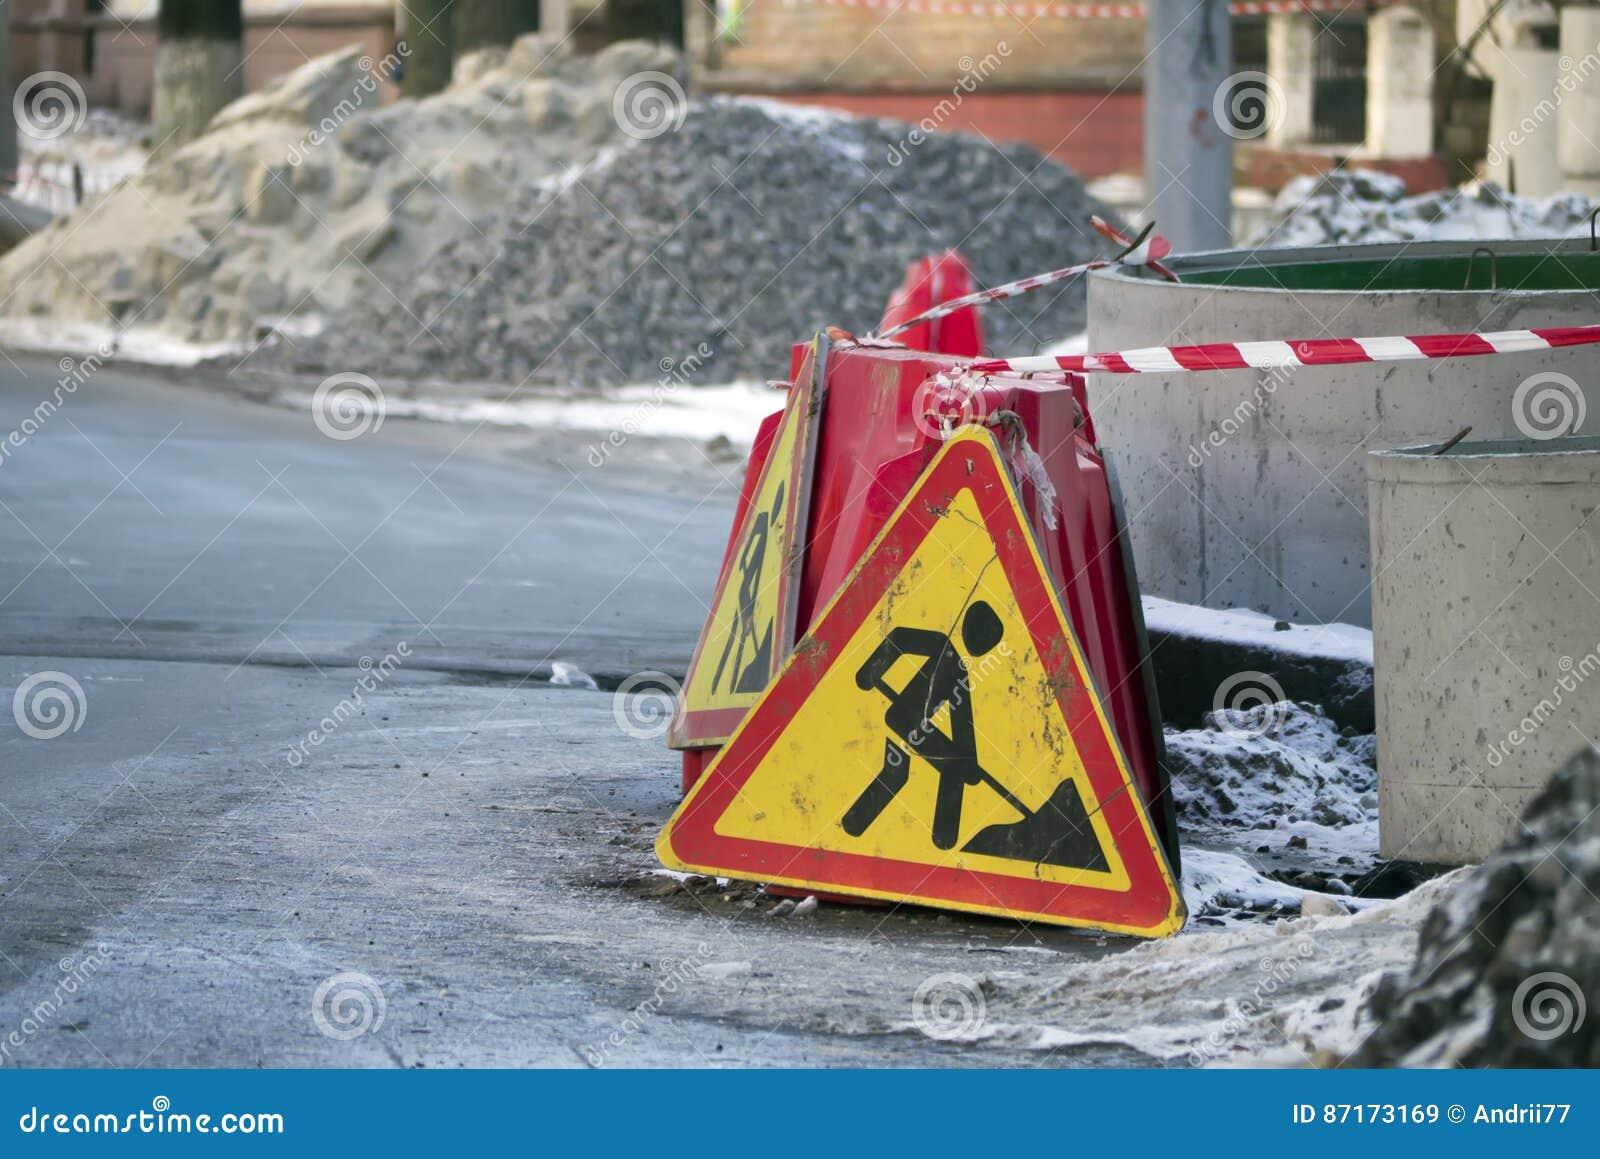 Route de rue en construction Signe de route